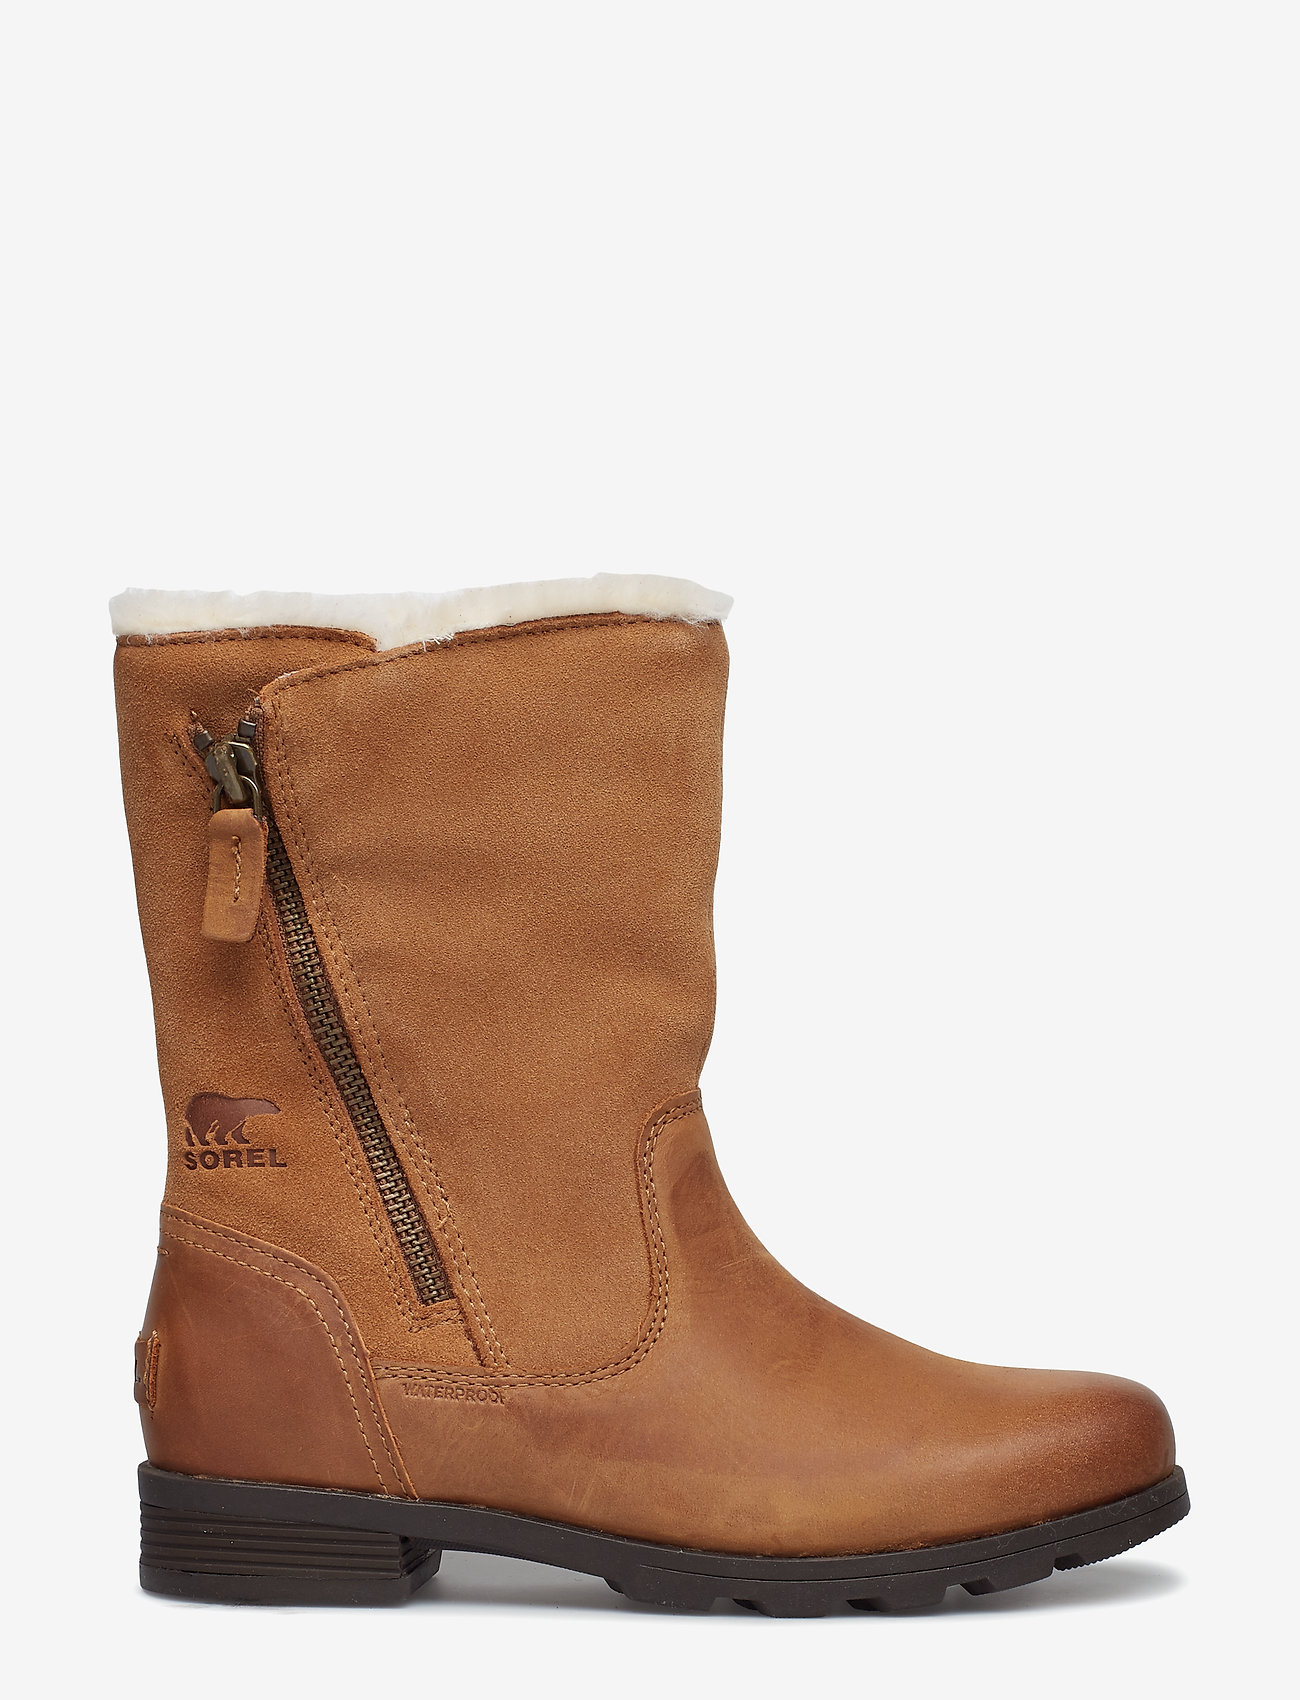 Sorel - EMELIE FOLDOVER - flat ankle boots - camel, brown - 1